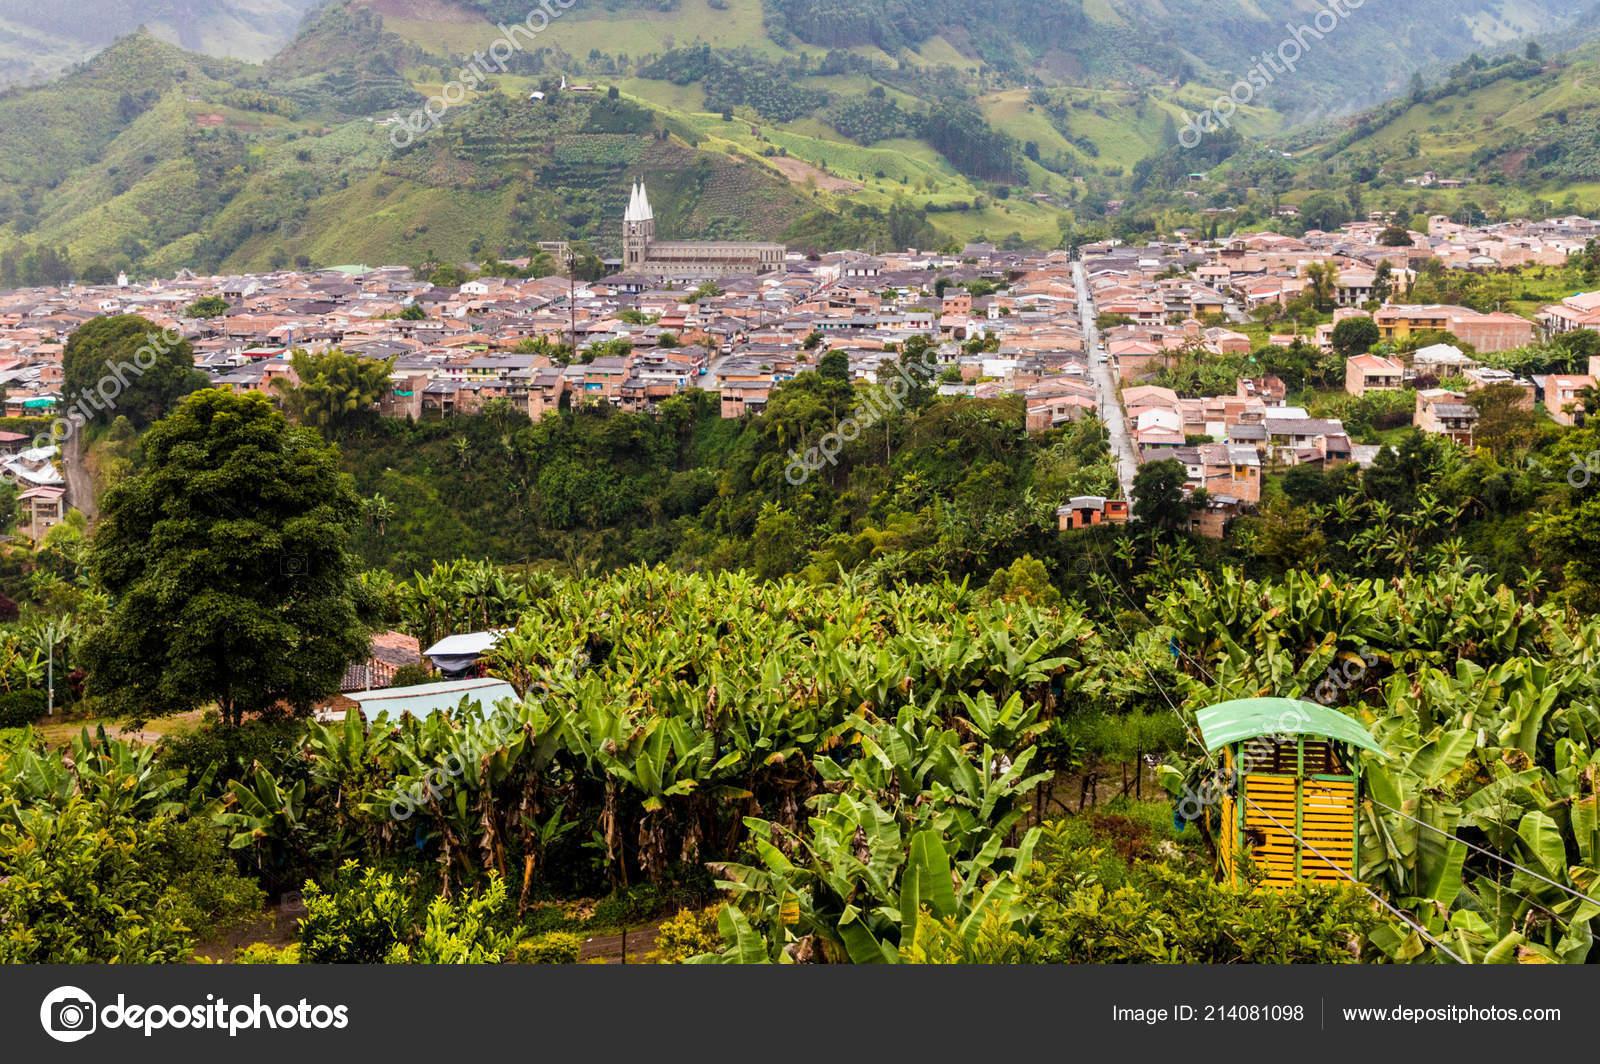 Une Vue Typique Dans Le Jardin En Colombie Photo Editoriale